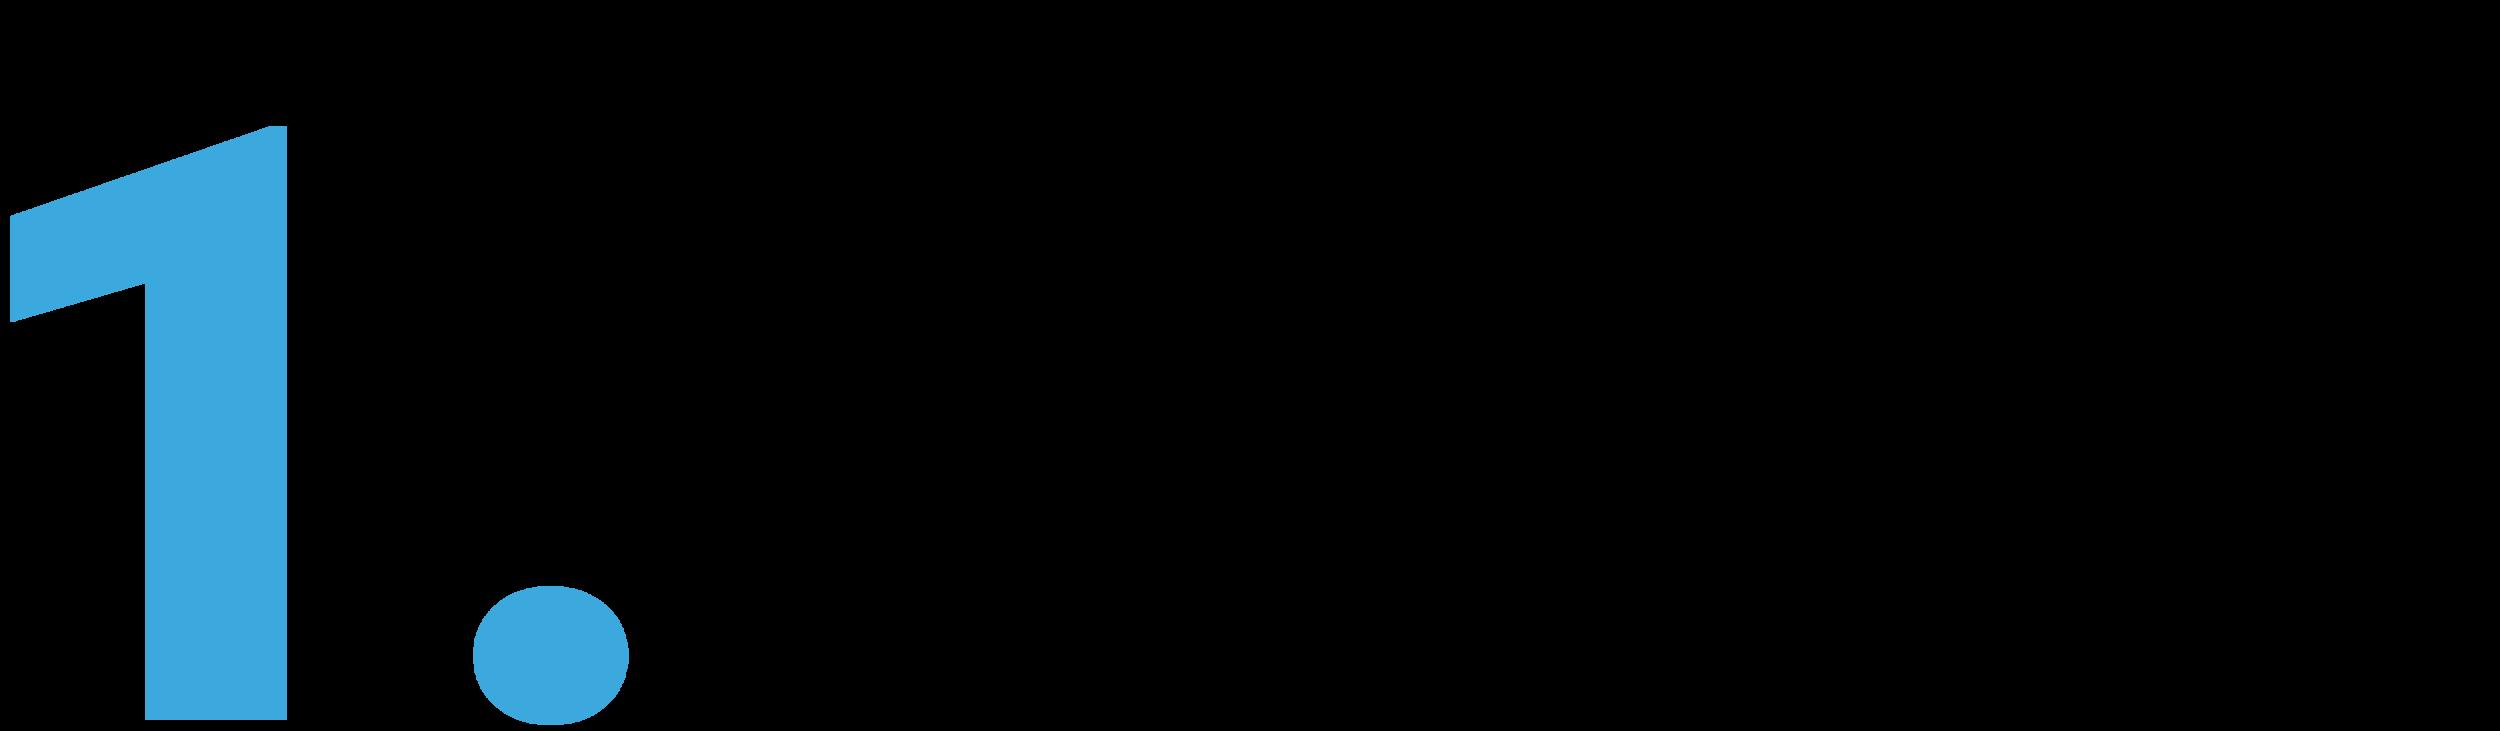 no1-01.png